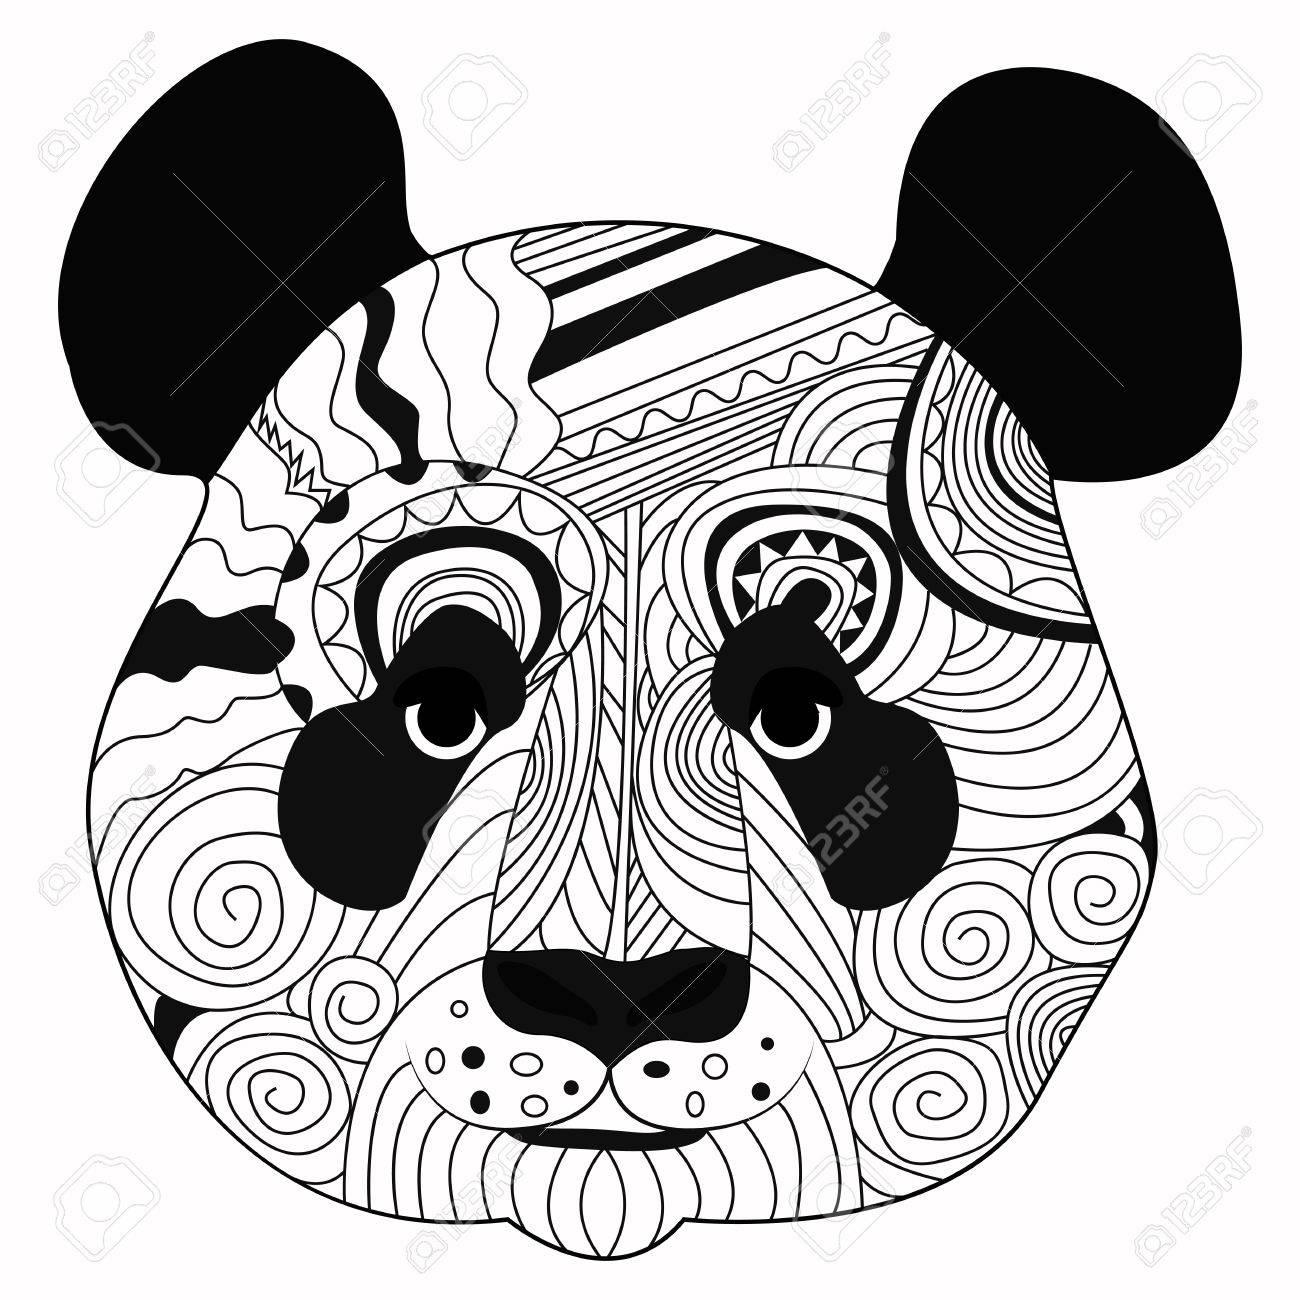 Main De Dessin Au Trait Dessin Noir Panda Isolé Sur Fond Blanc Style Dudling Tatoo Zenart Coloriage Pour Les Adultes